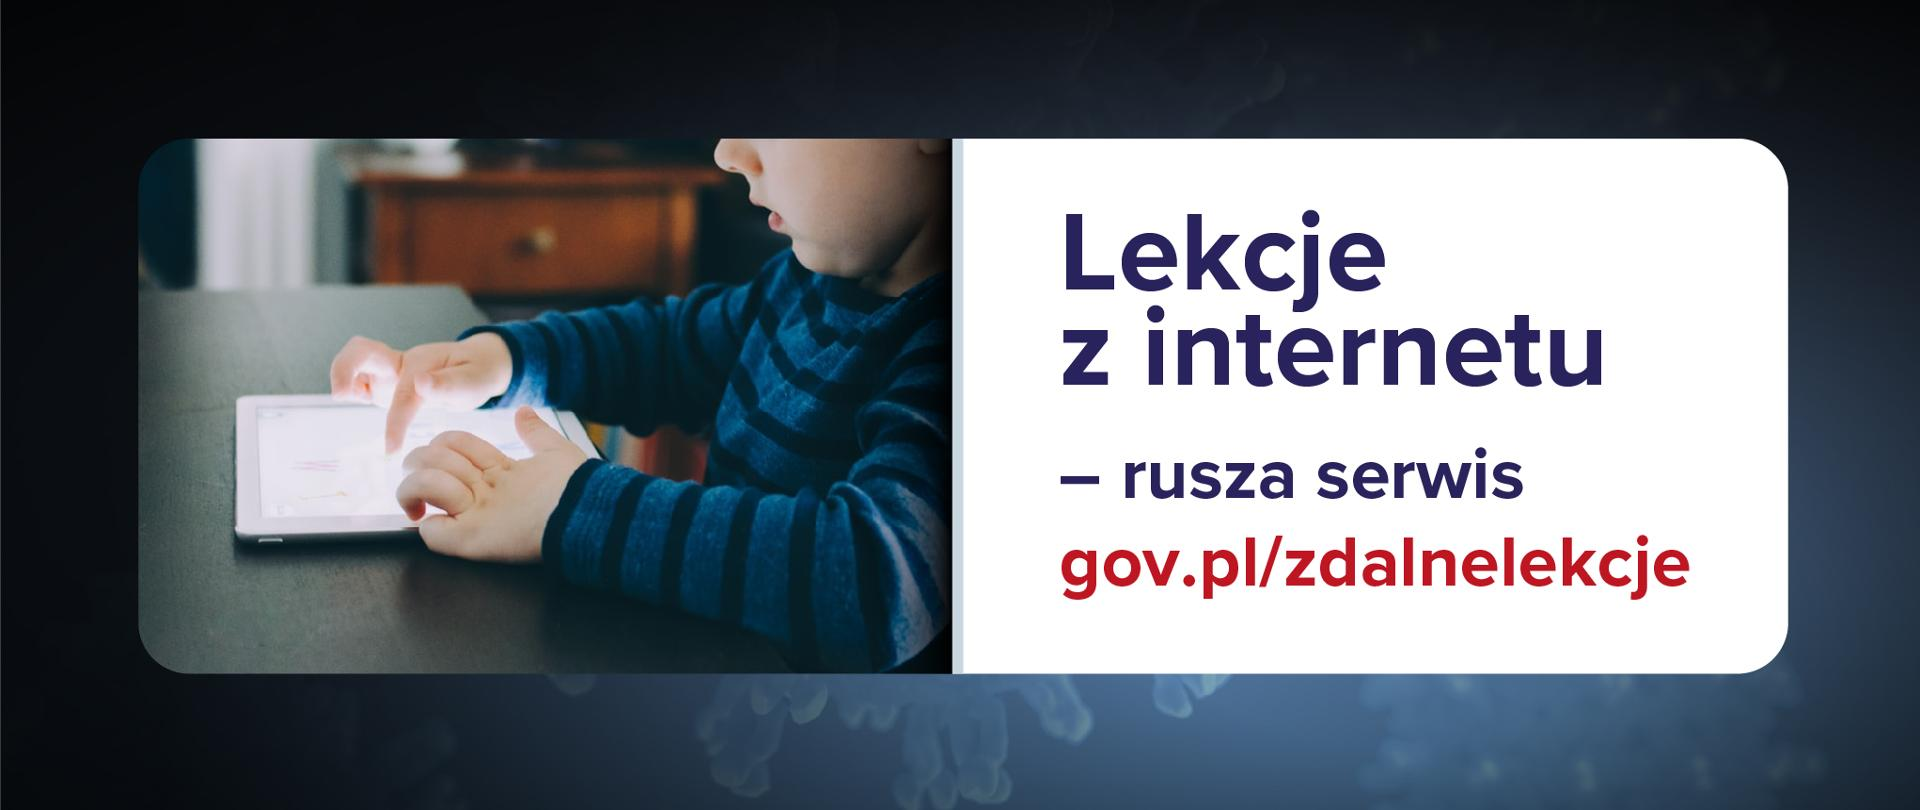 Grafika informująca z tekstem: Lekcje z internetu – rusza serwis gov.pl/zdalnelekcje Ciemnoniebieskie tło, po lewej stronie fotografia dziecka z tabletem, a po prawo tekst na białym tle.